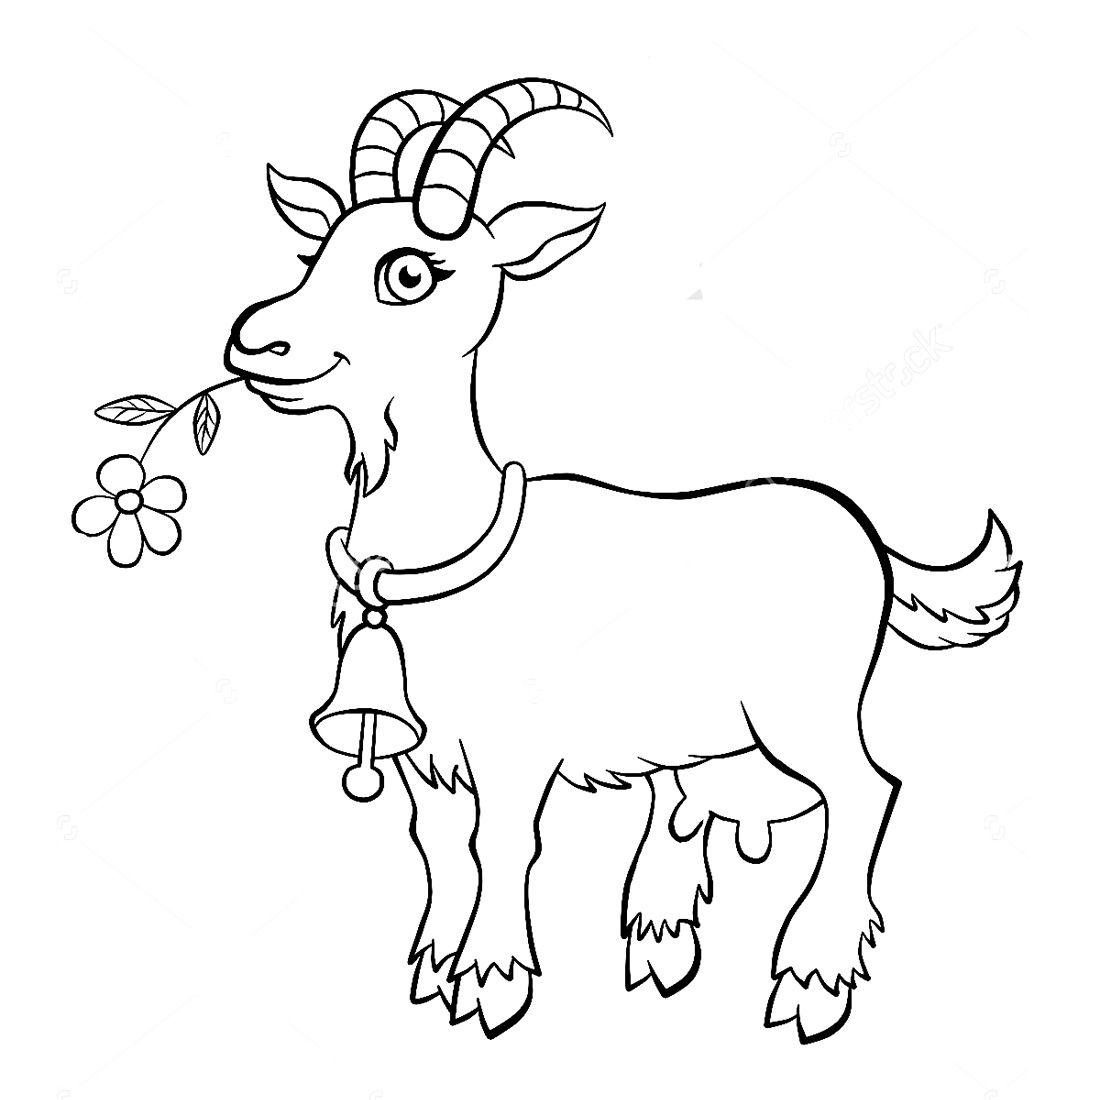 раскраска коза для детей: 17 тыс изображений найдено в ...